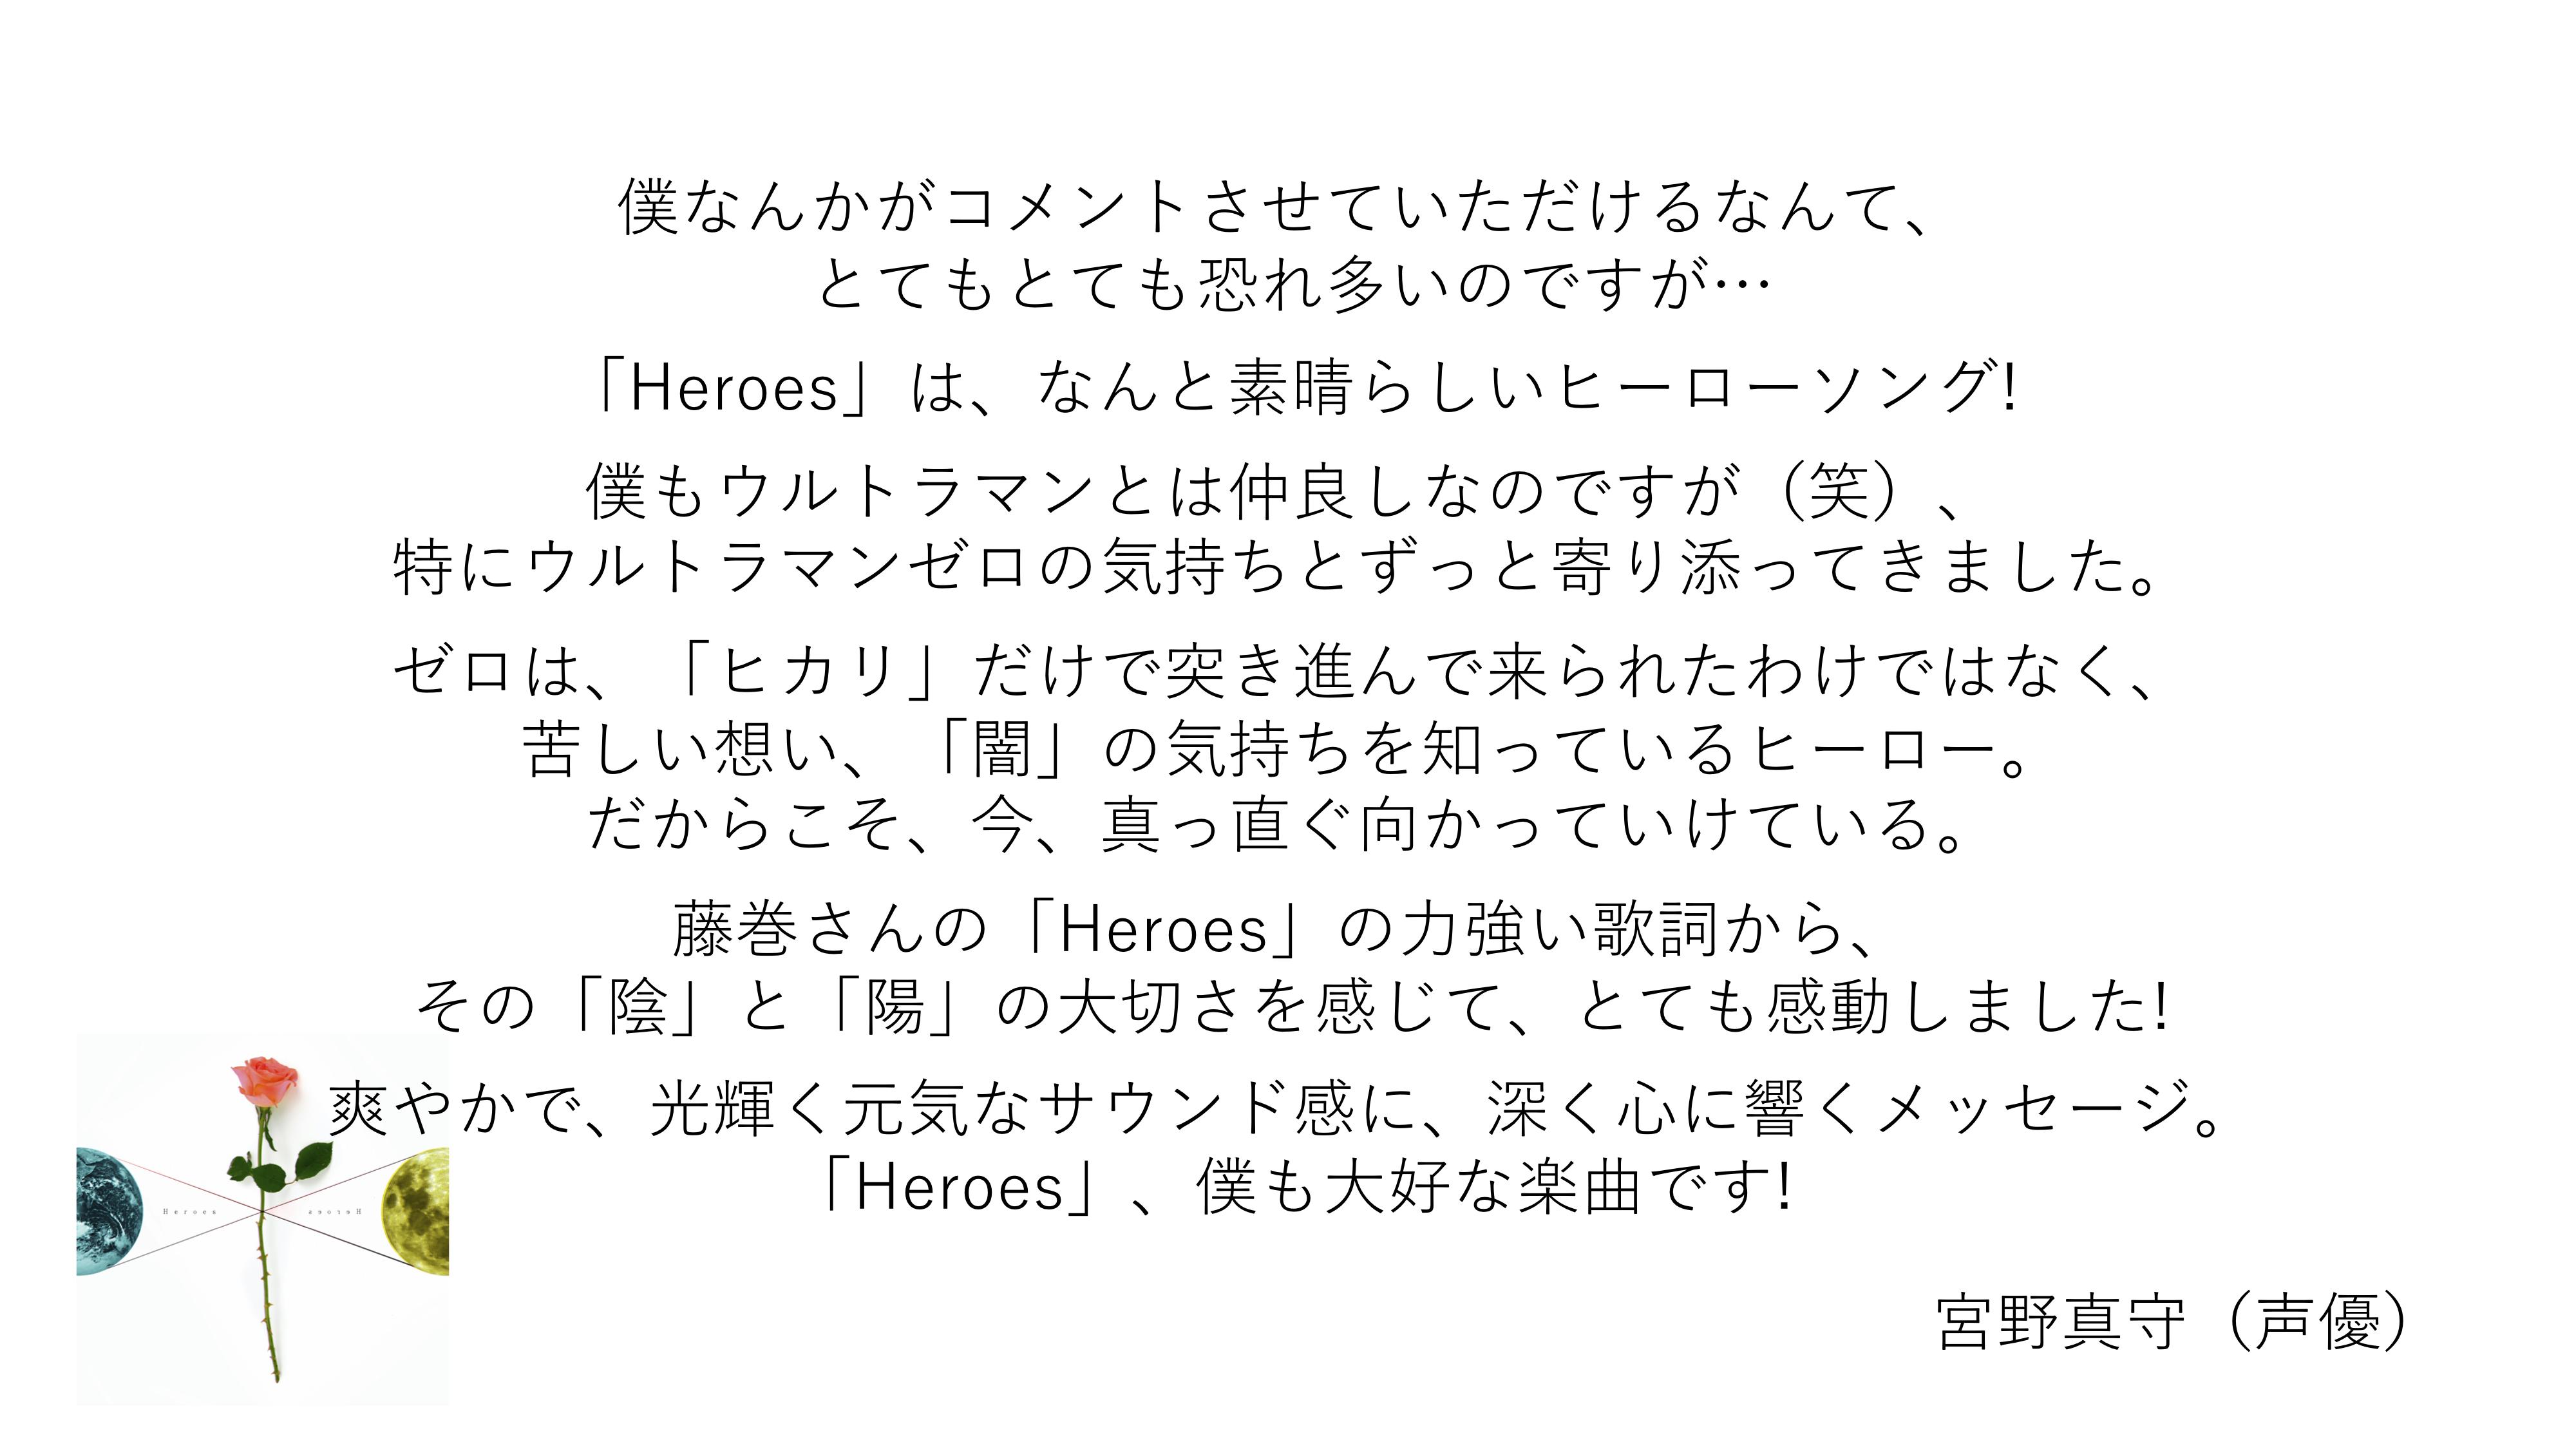 ウルトラマンゼロ のCVを担当する 宮野真守 さんより、 主題歌「Heroes」感想コメントを頂戴しました!